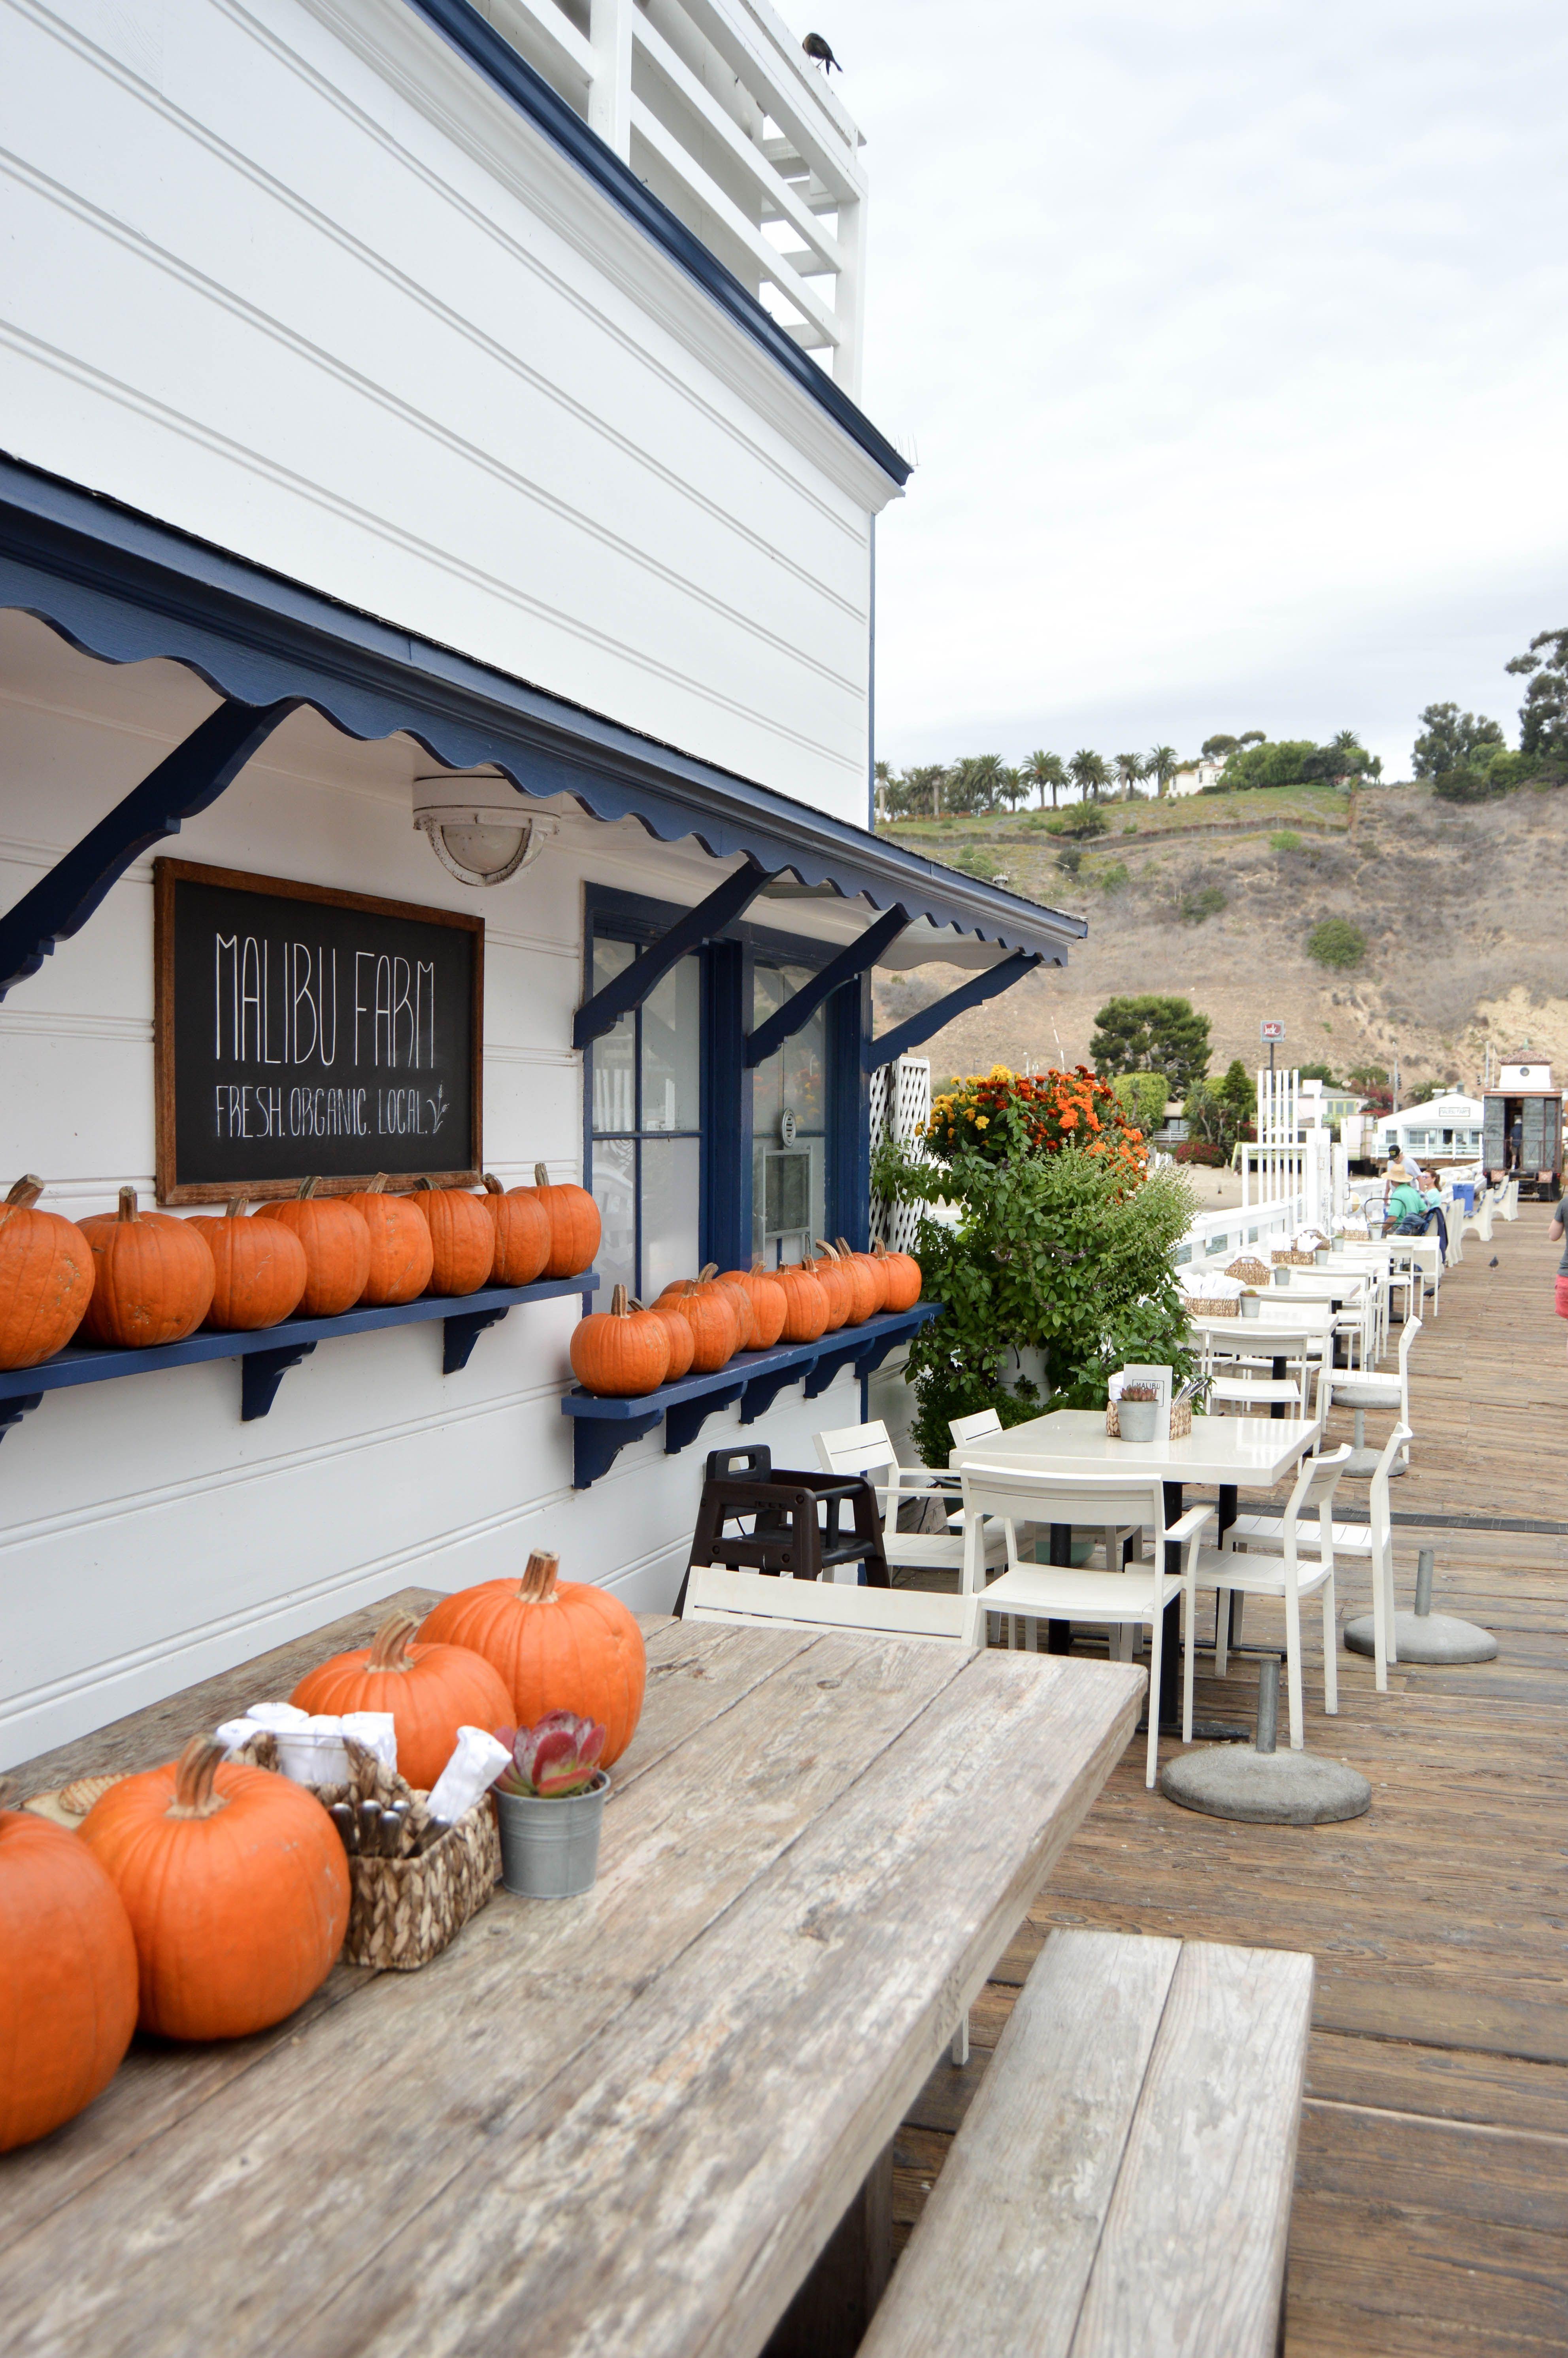 Visiting the Piers of Los Angeles Malibu pier, Los